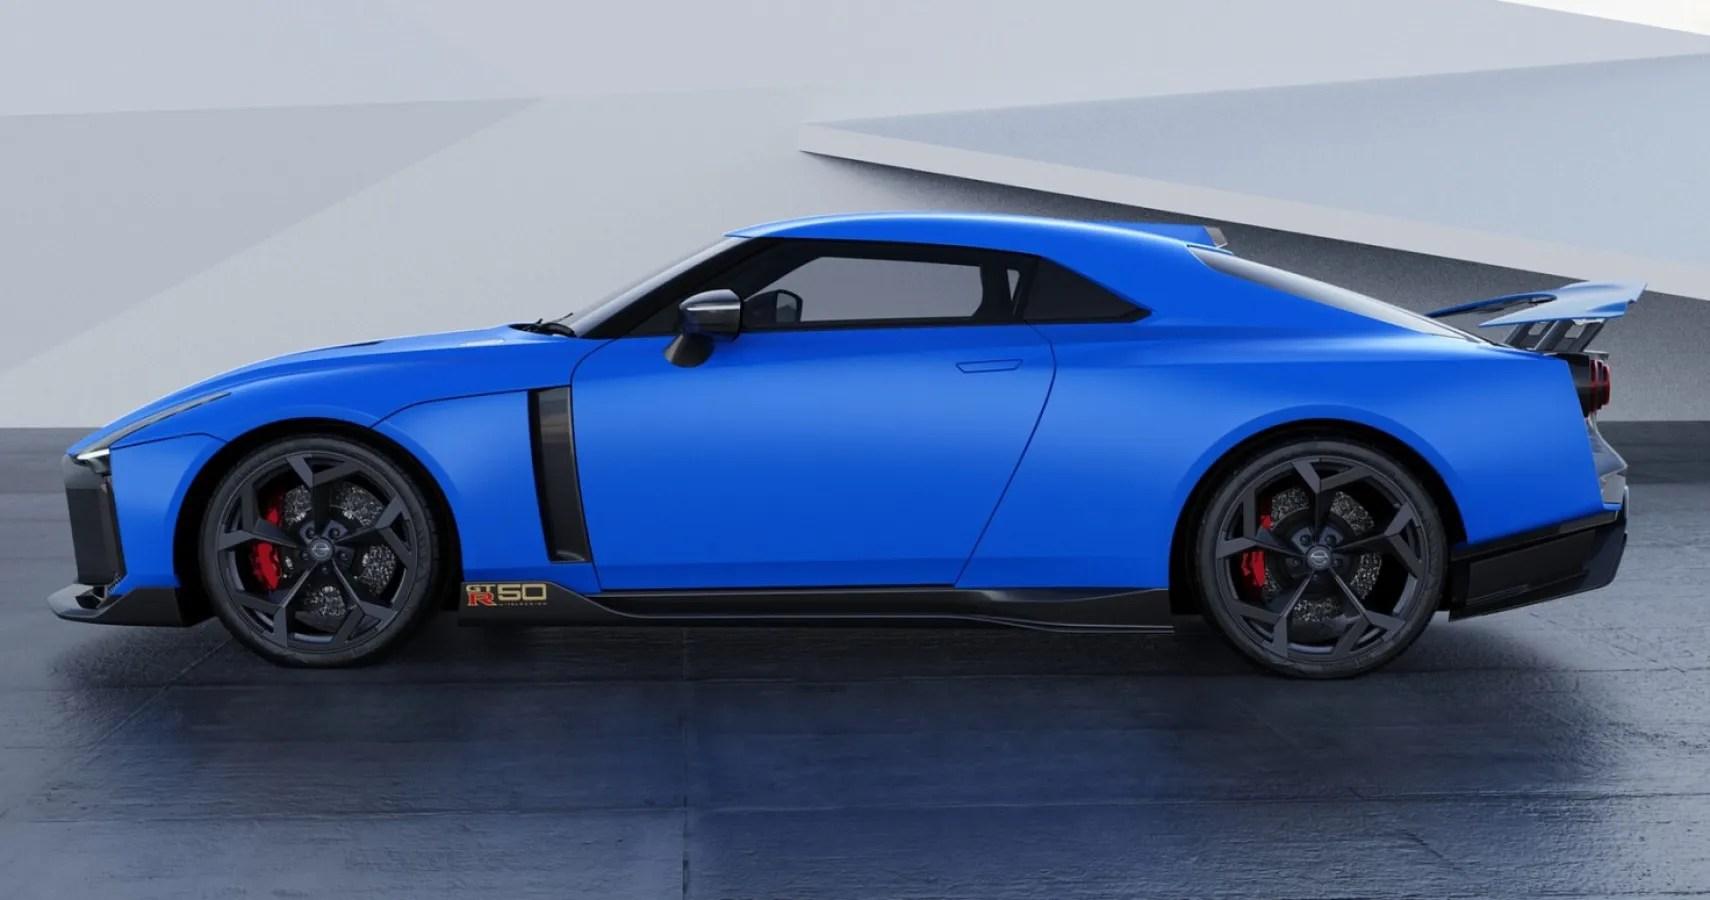 Gefällt 22.850 mal · 7 personen sprechen darüber. Here S What We Expect From The 2022 Nissan Gt R